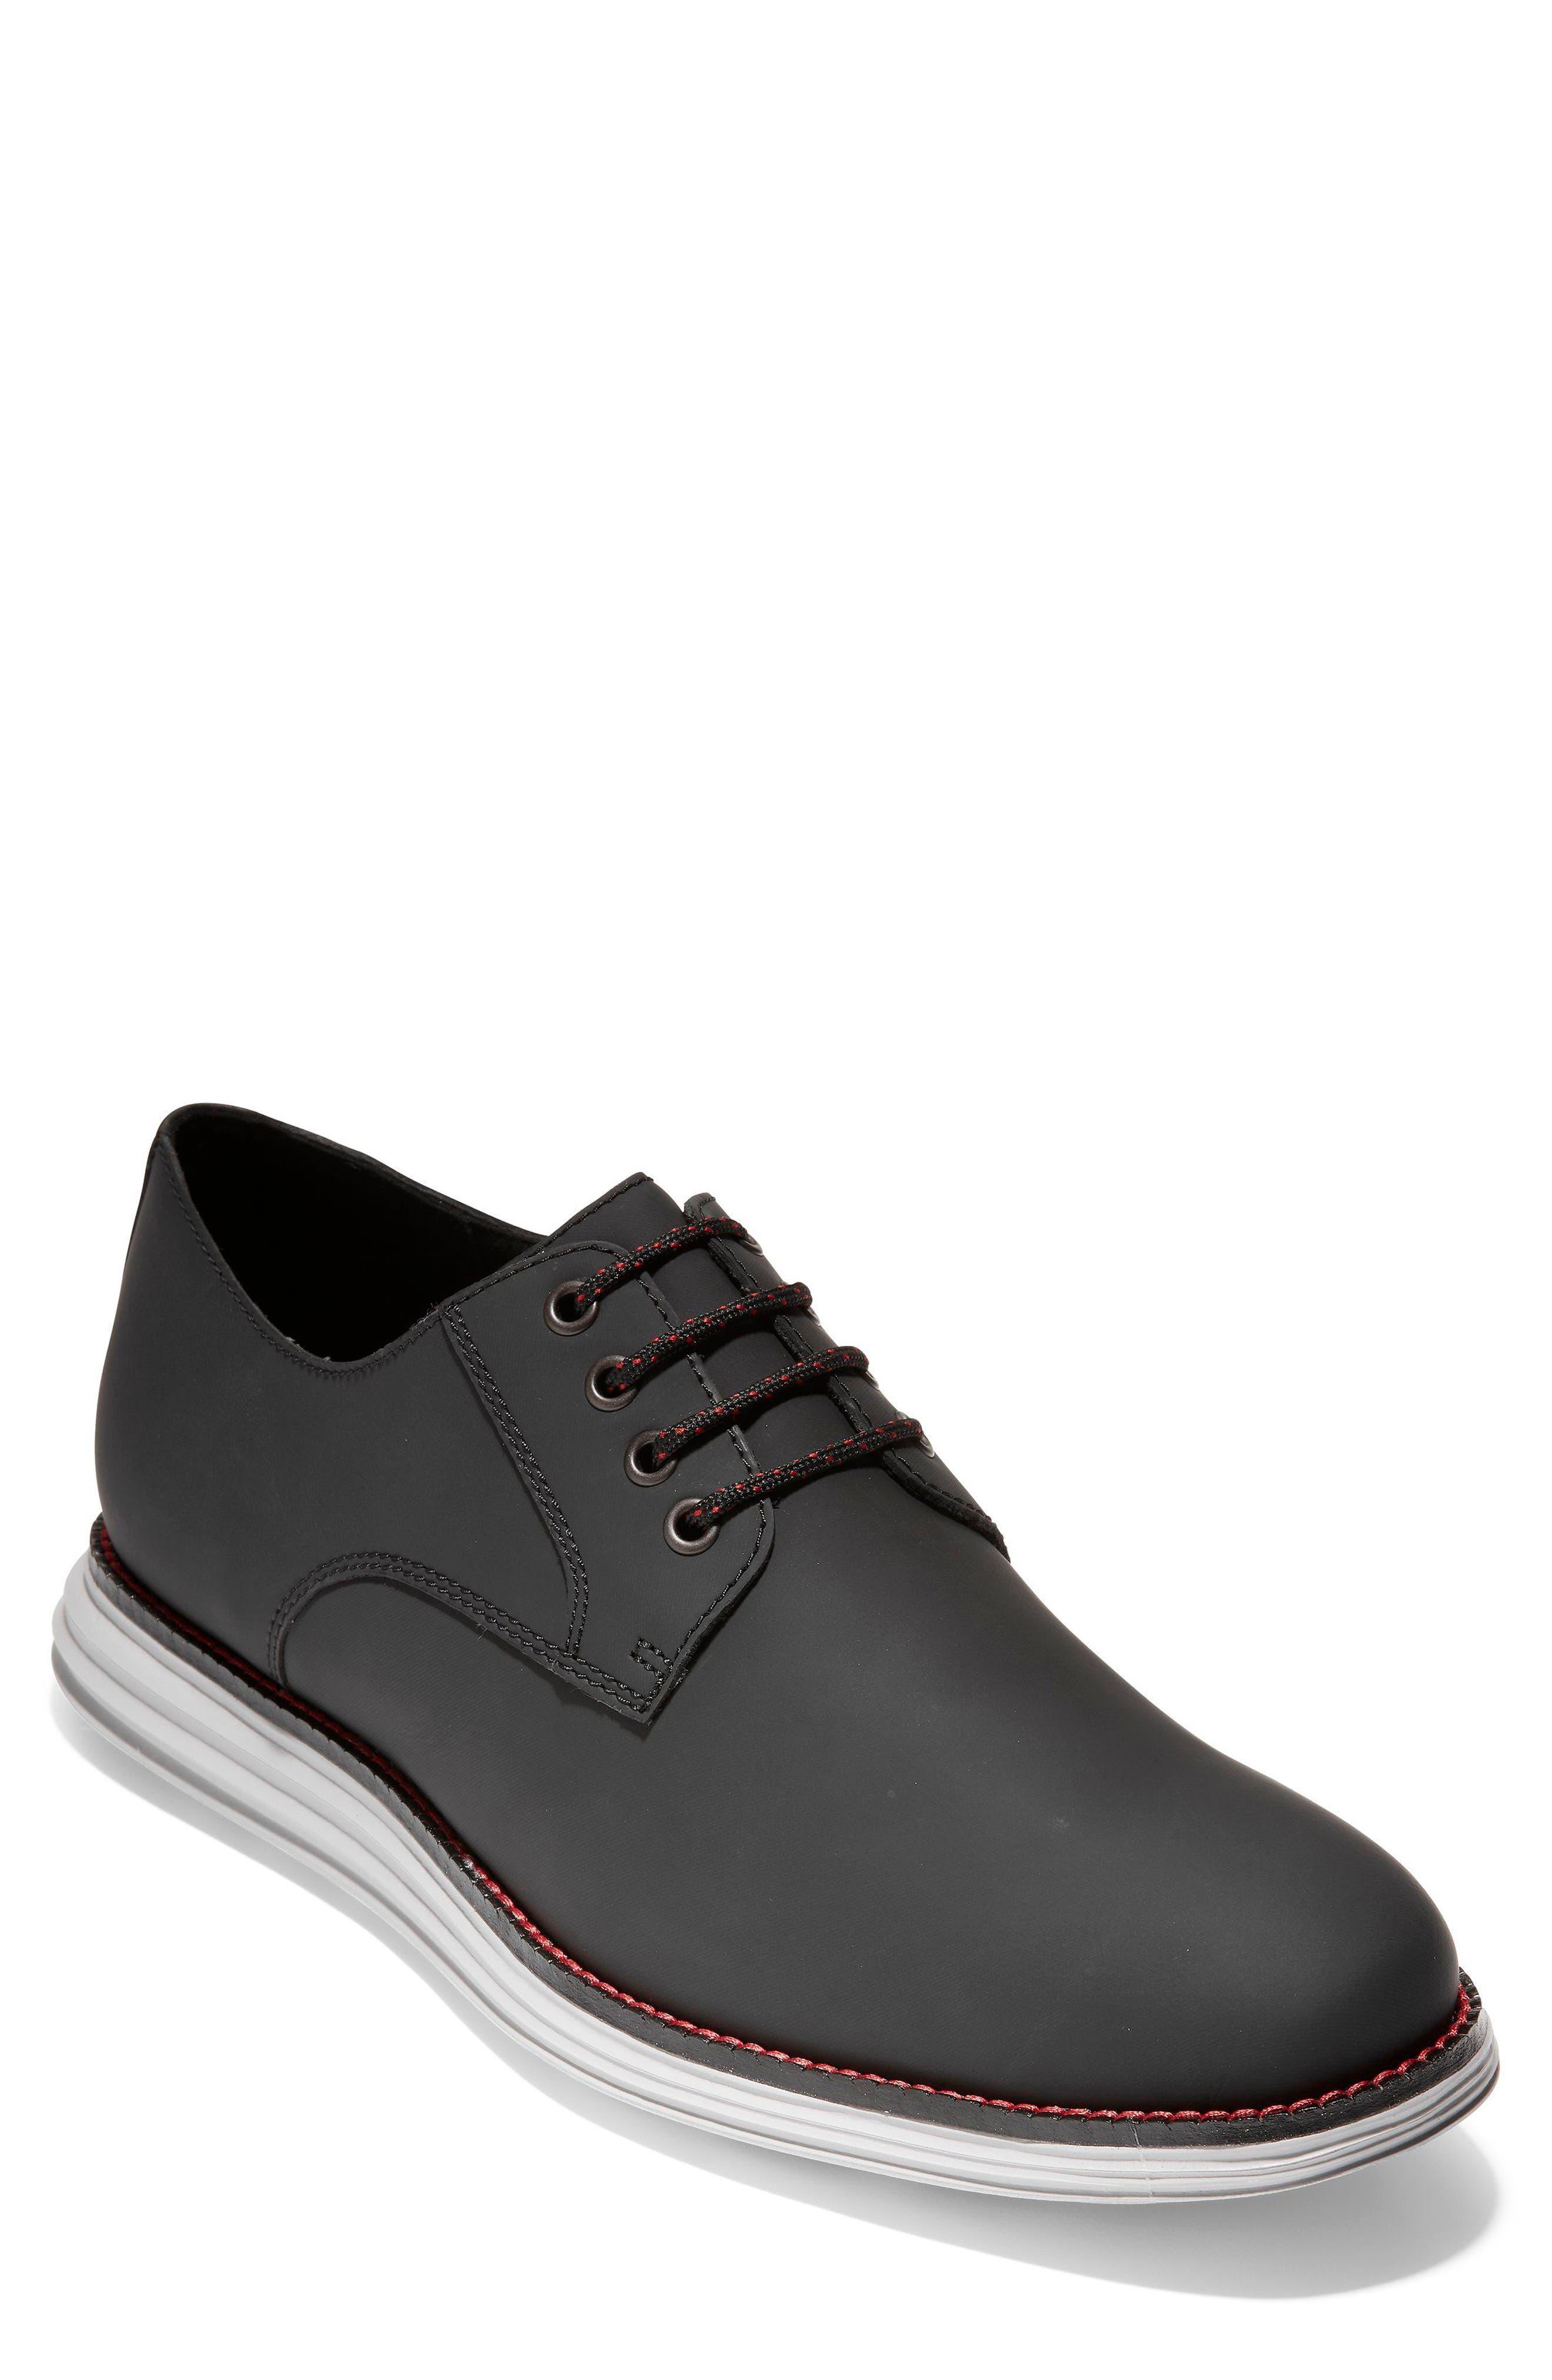 Original Grand Plain Toe Derby,                             Main thumbnail 1, color,                             Black Matte Leather